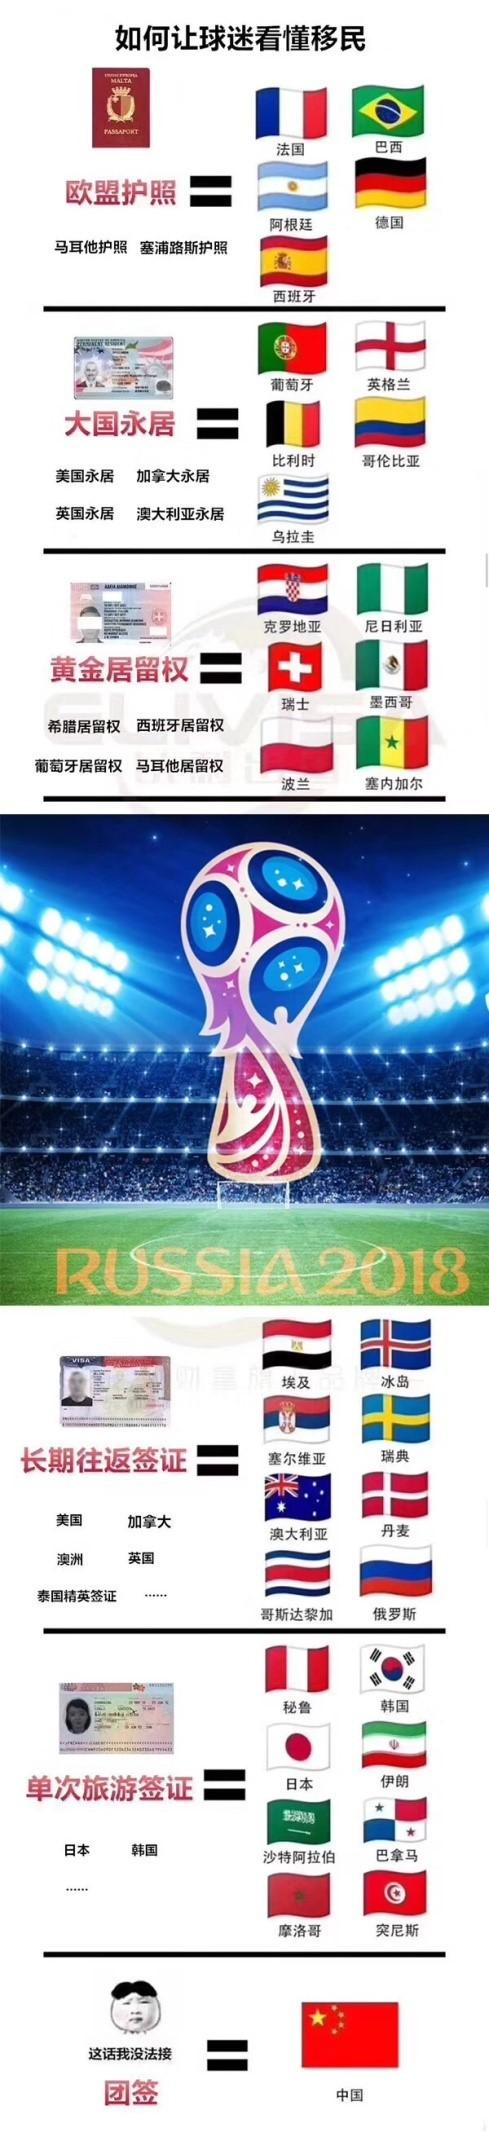 【活动】接力世界杯,北京即将召开海外置业移民展,免费抢票!